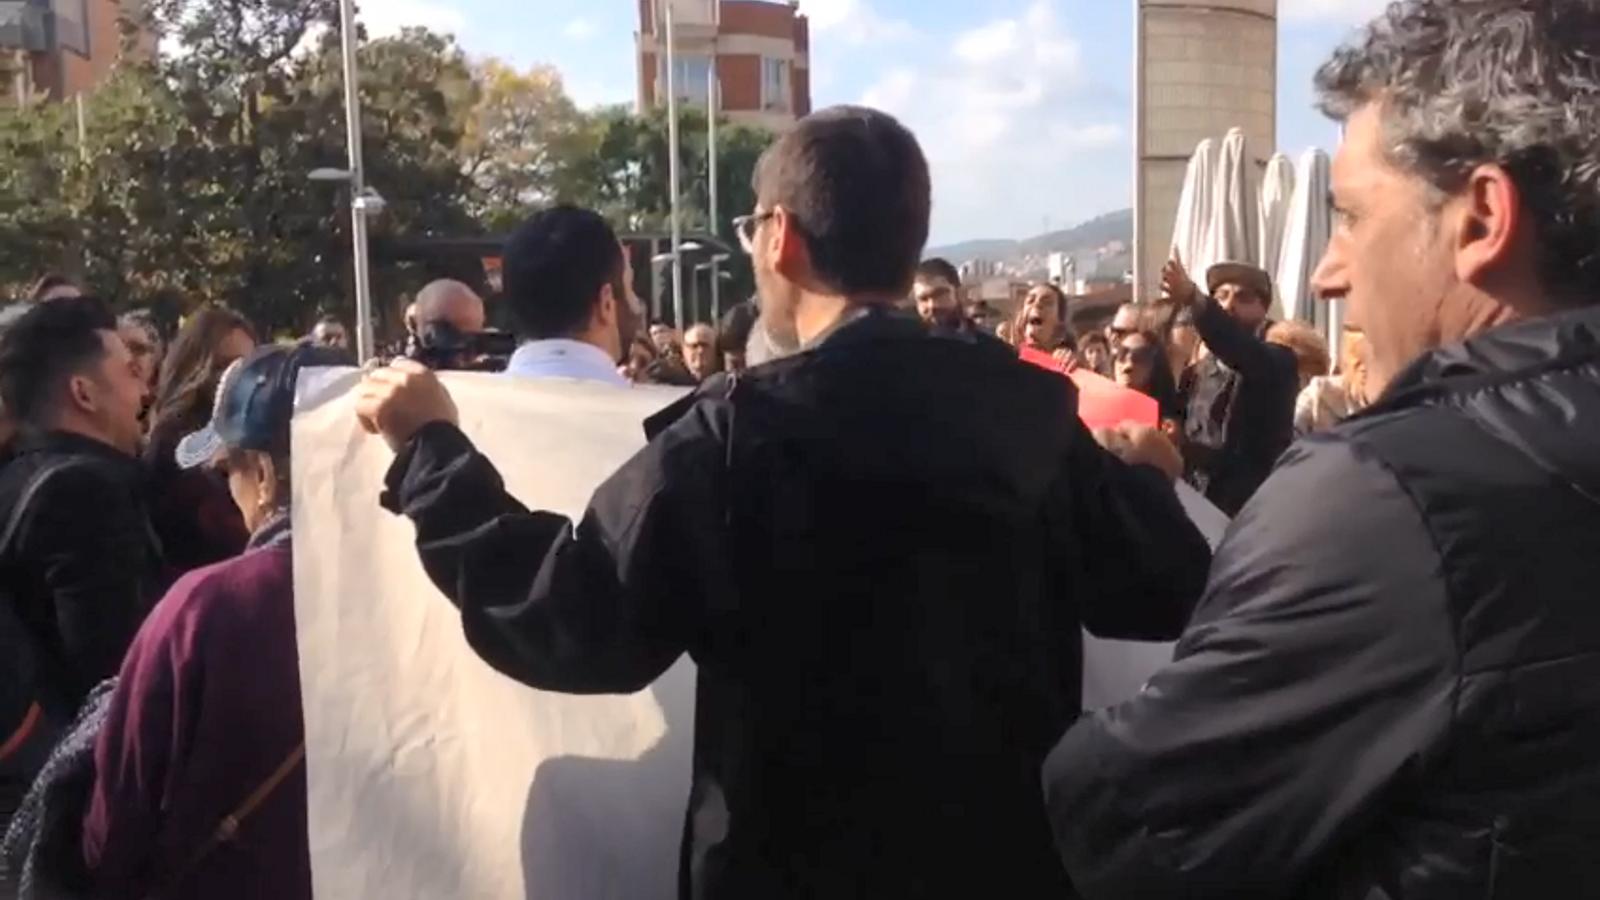 La tensió a la concentració a Santa Coloma de Gramenet per la presència de Plataforma per Catalunya